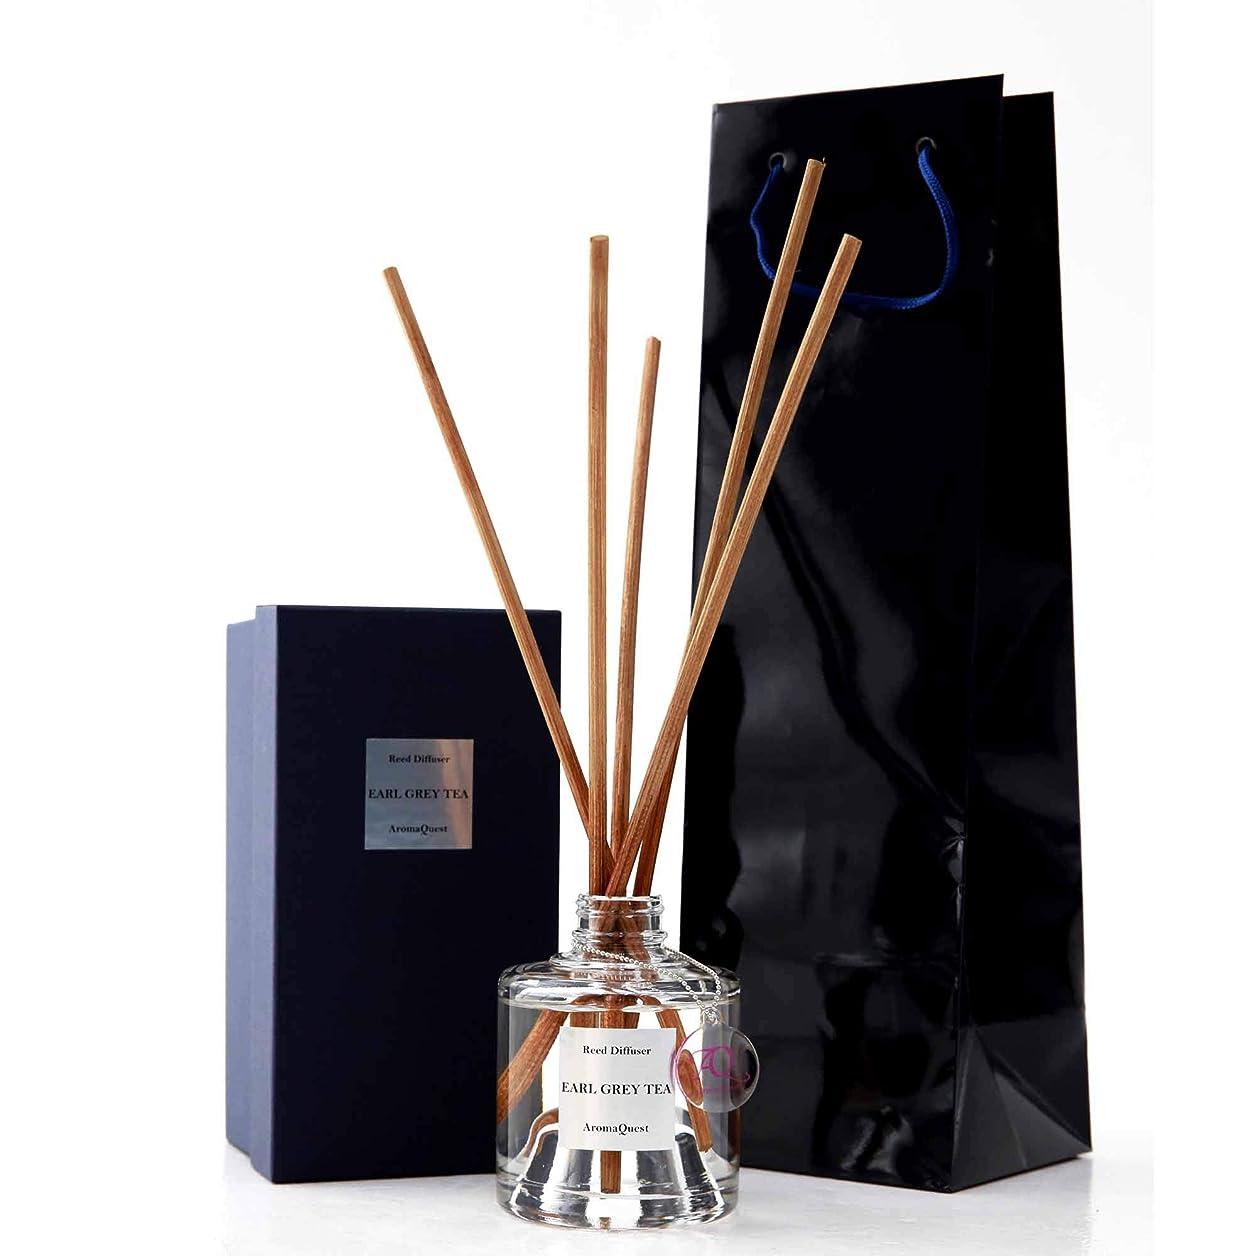 秀でる施設勧めるルームフレグランス リードディフューザー アロマディフューザー 150ml アールグレイティー EARL GREY TEA 紅茶の香り